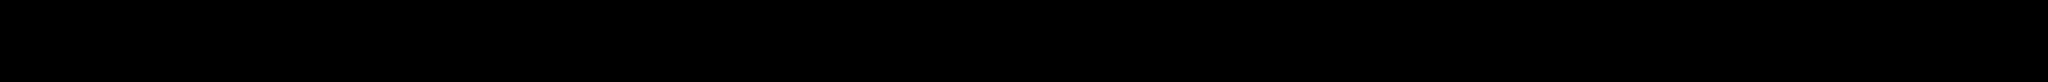 AKS DASIS 11521287829, 11521289120, 11521706619, 11521719042, 11521719043 Kytkin, jäähdytystuuletin